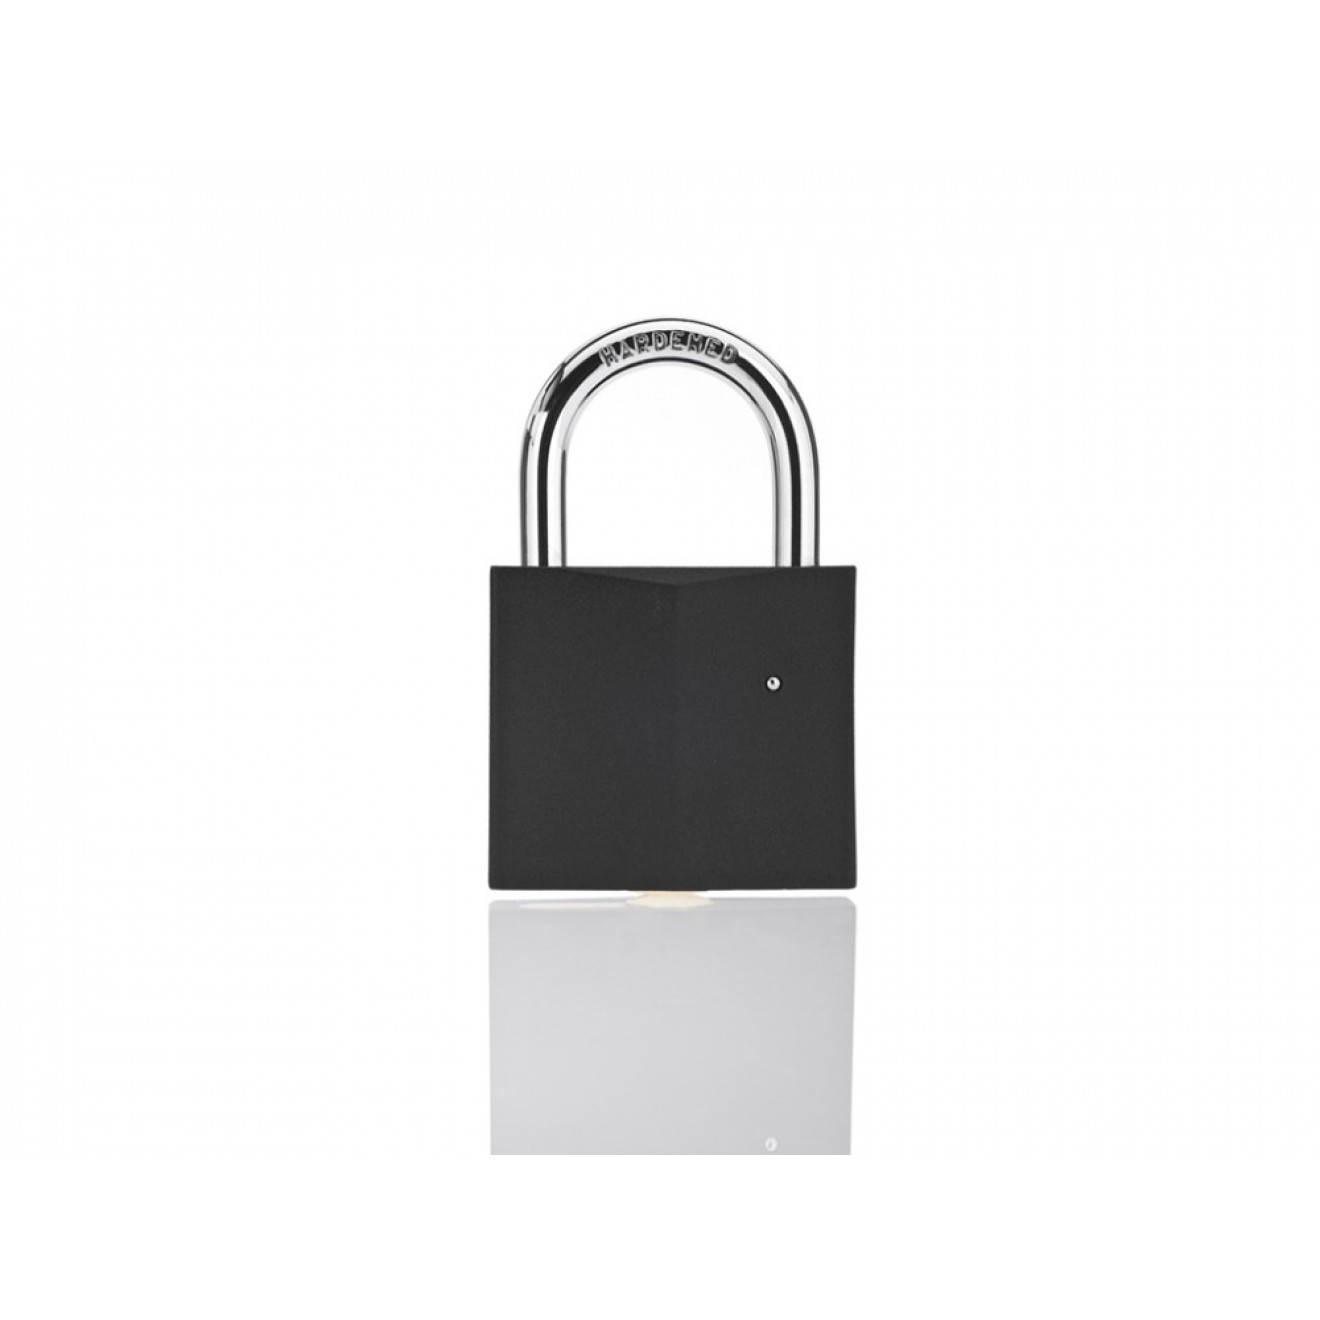 ix saturn hangschloss mit schl sseln und sicherungskarte. Black Bedroom Furniture Sets. Home Design Ideas